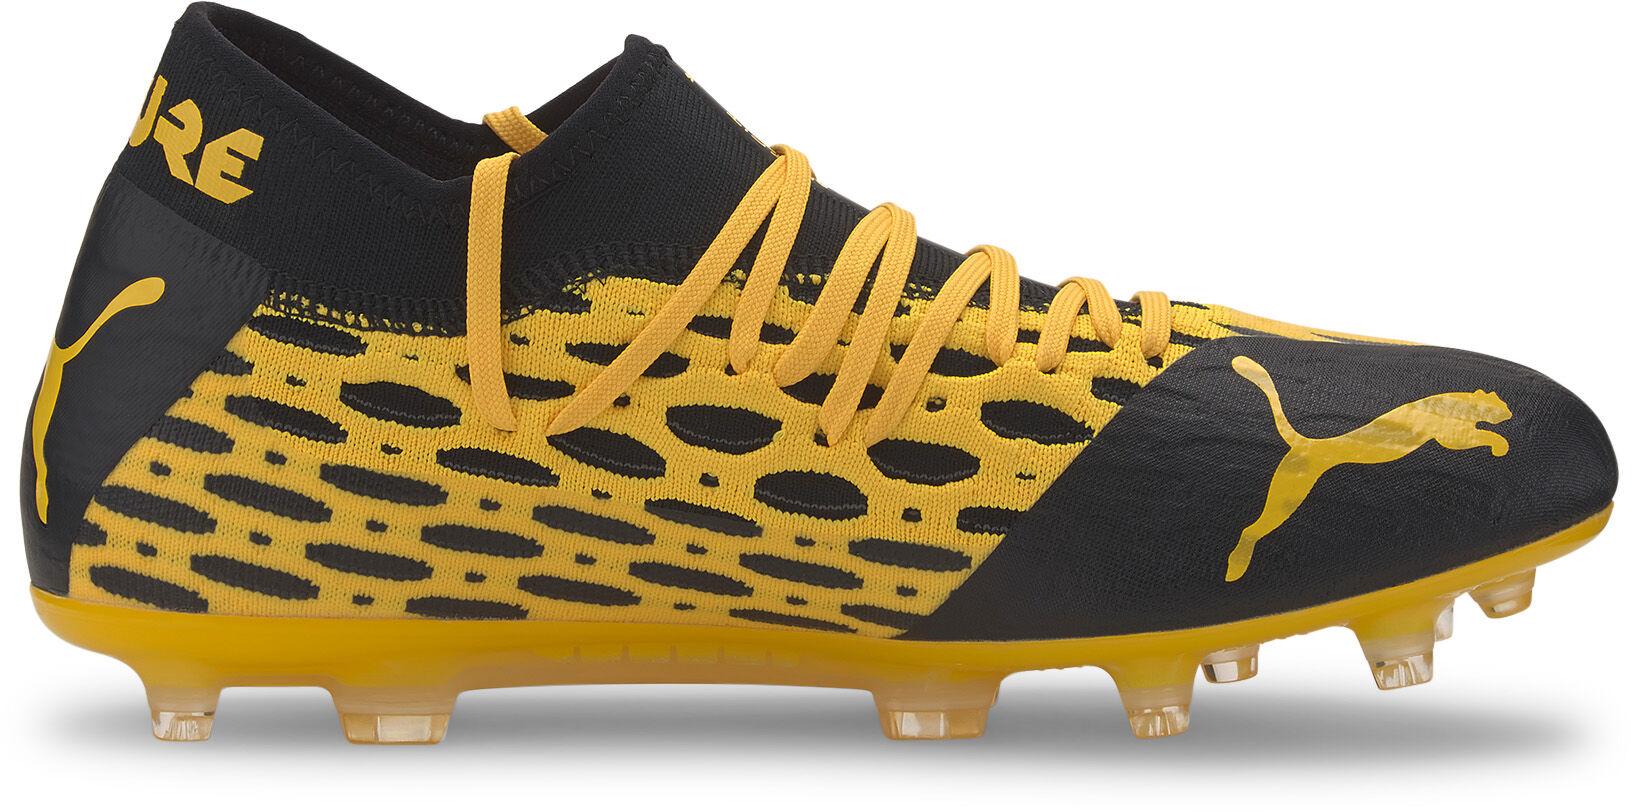 Fodboldstøvler | Puma | Herre | Køb fodboldstøvler